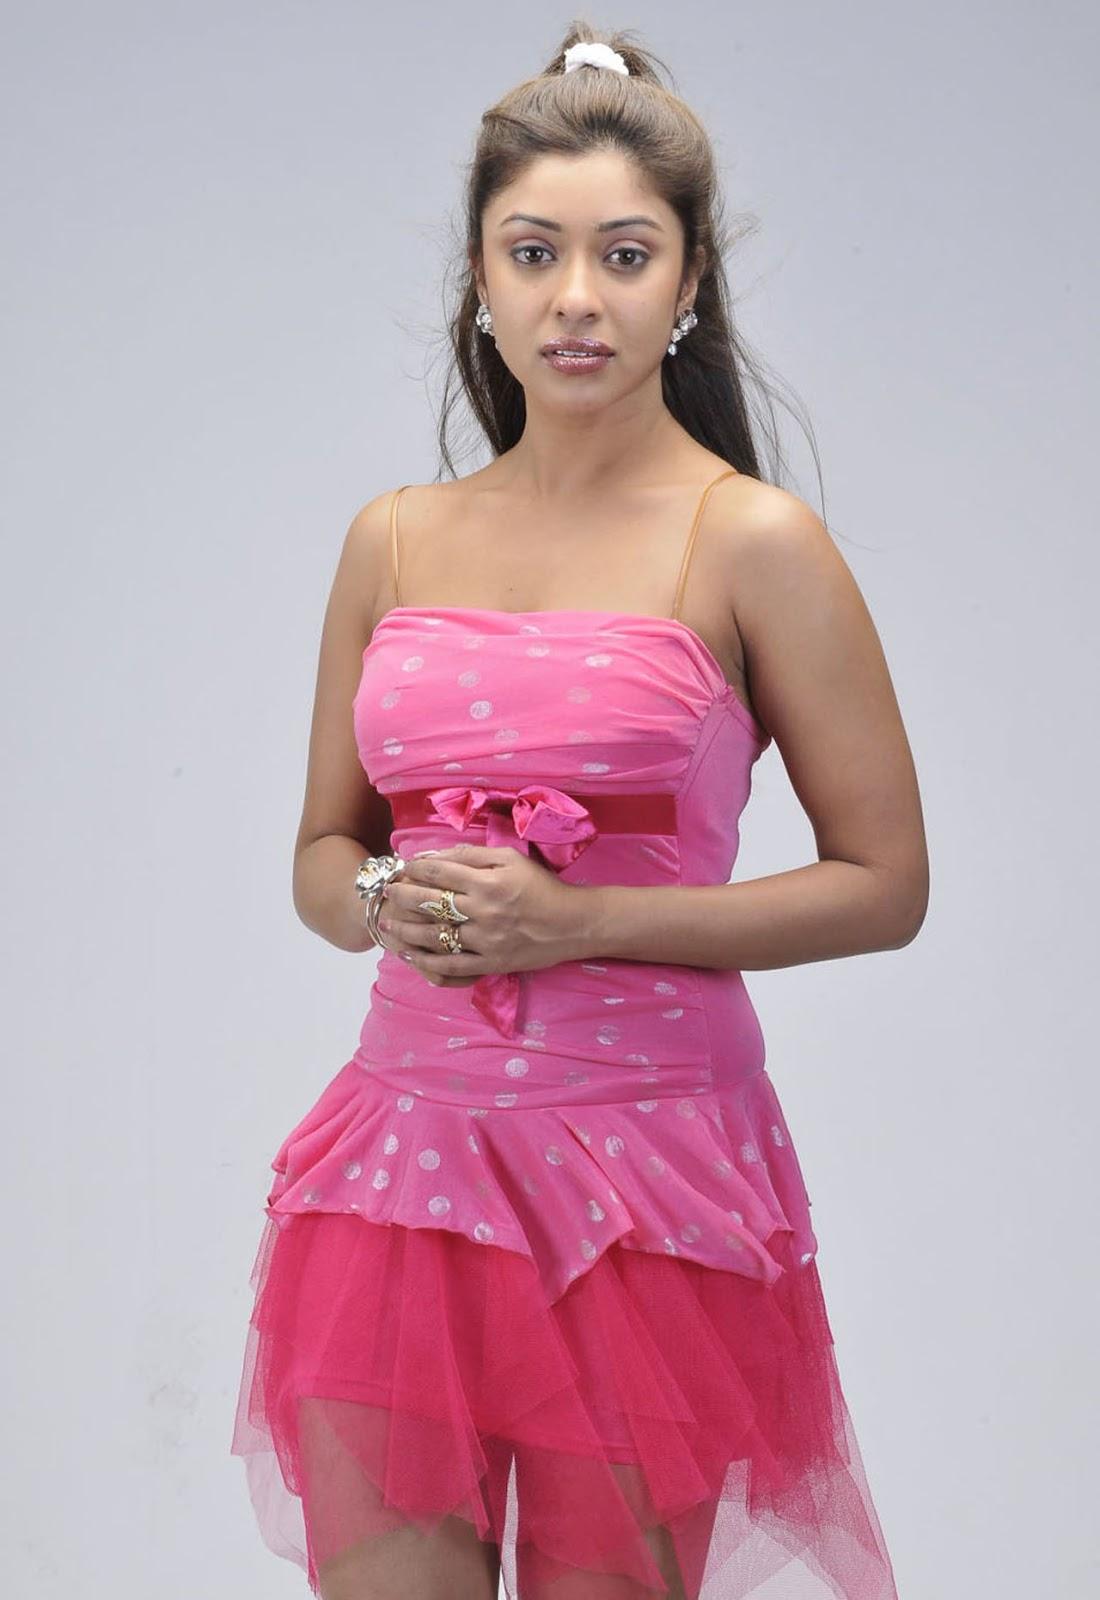 Hot Bengali Actress Payel Photos | Actress Zone